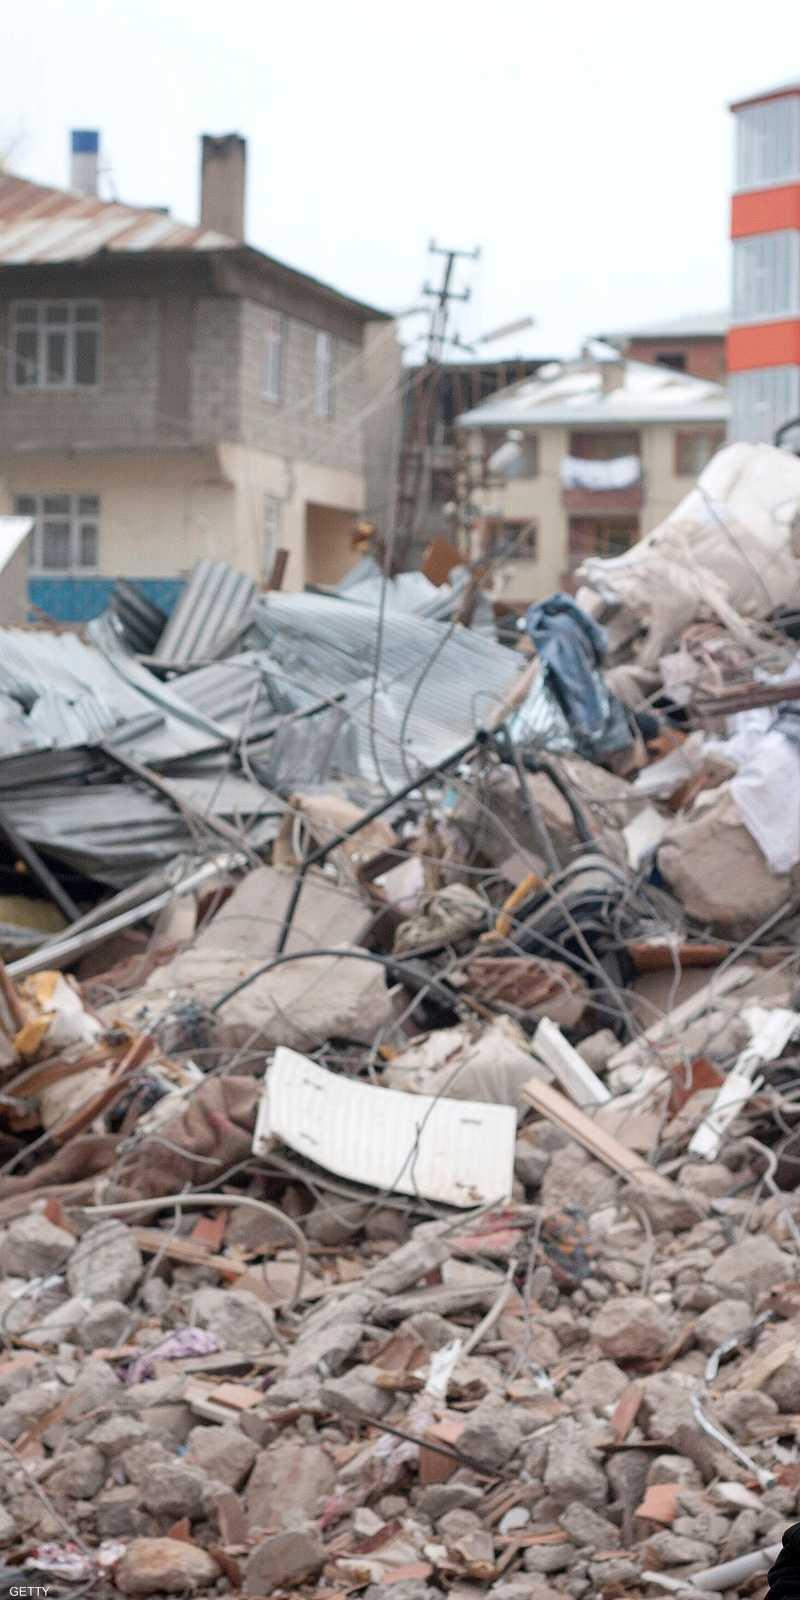 كارثة طبيعية تهدد تركيا.. وتحذير من سقوط 450 ألف قتيل 1-1232245.jpg